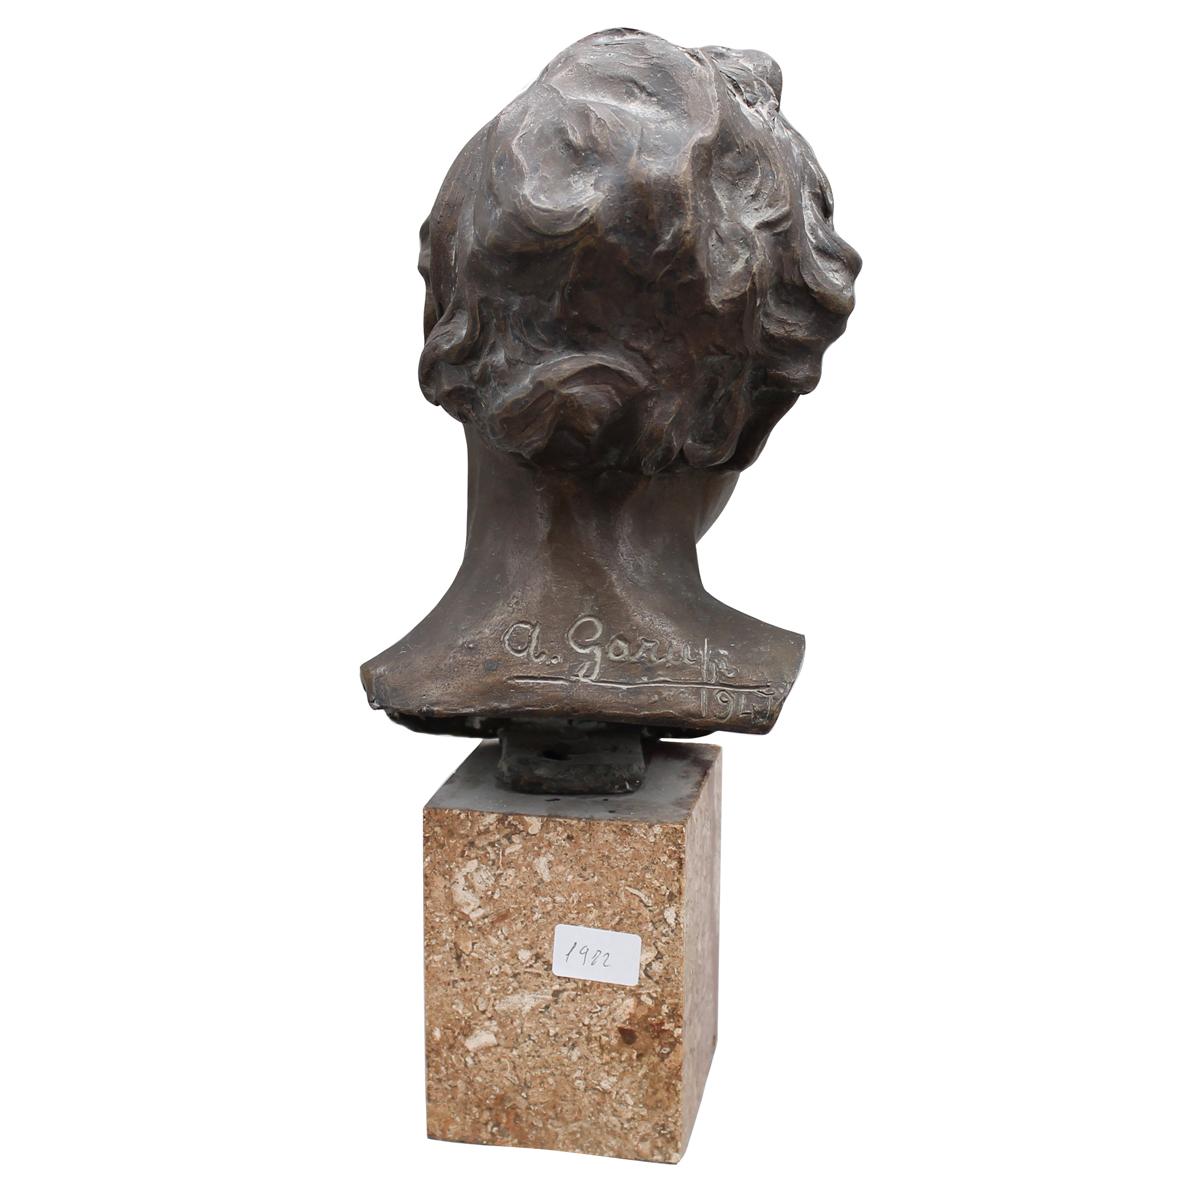 TESTA DI GIOVINETTO-HEAD OF A YOUNG MAN - Image 2 of 2